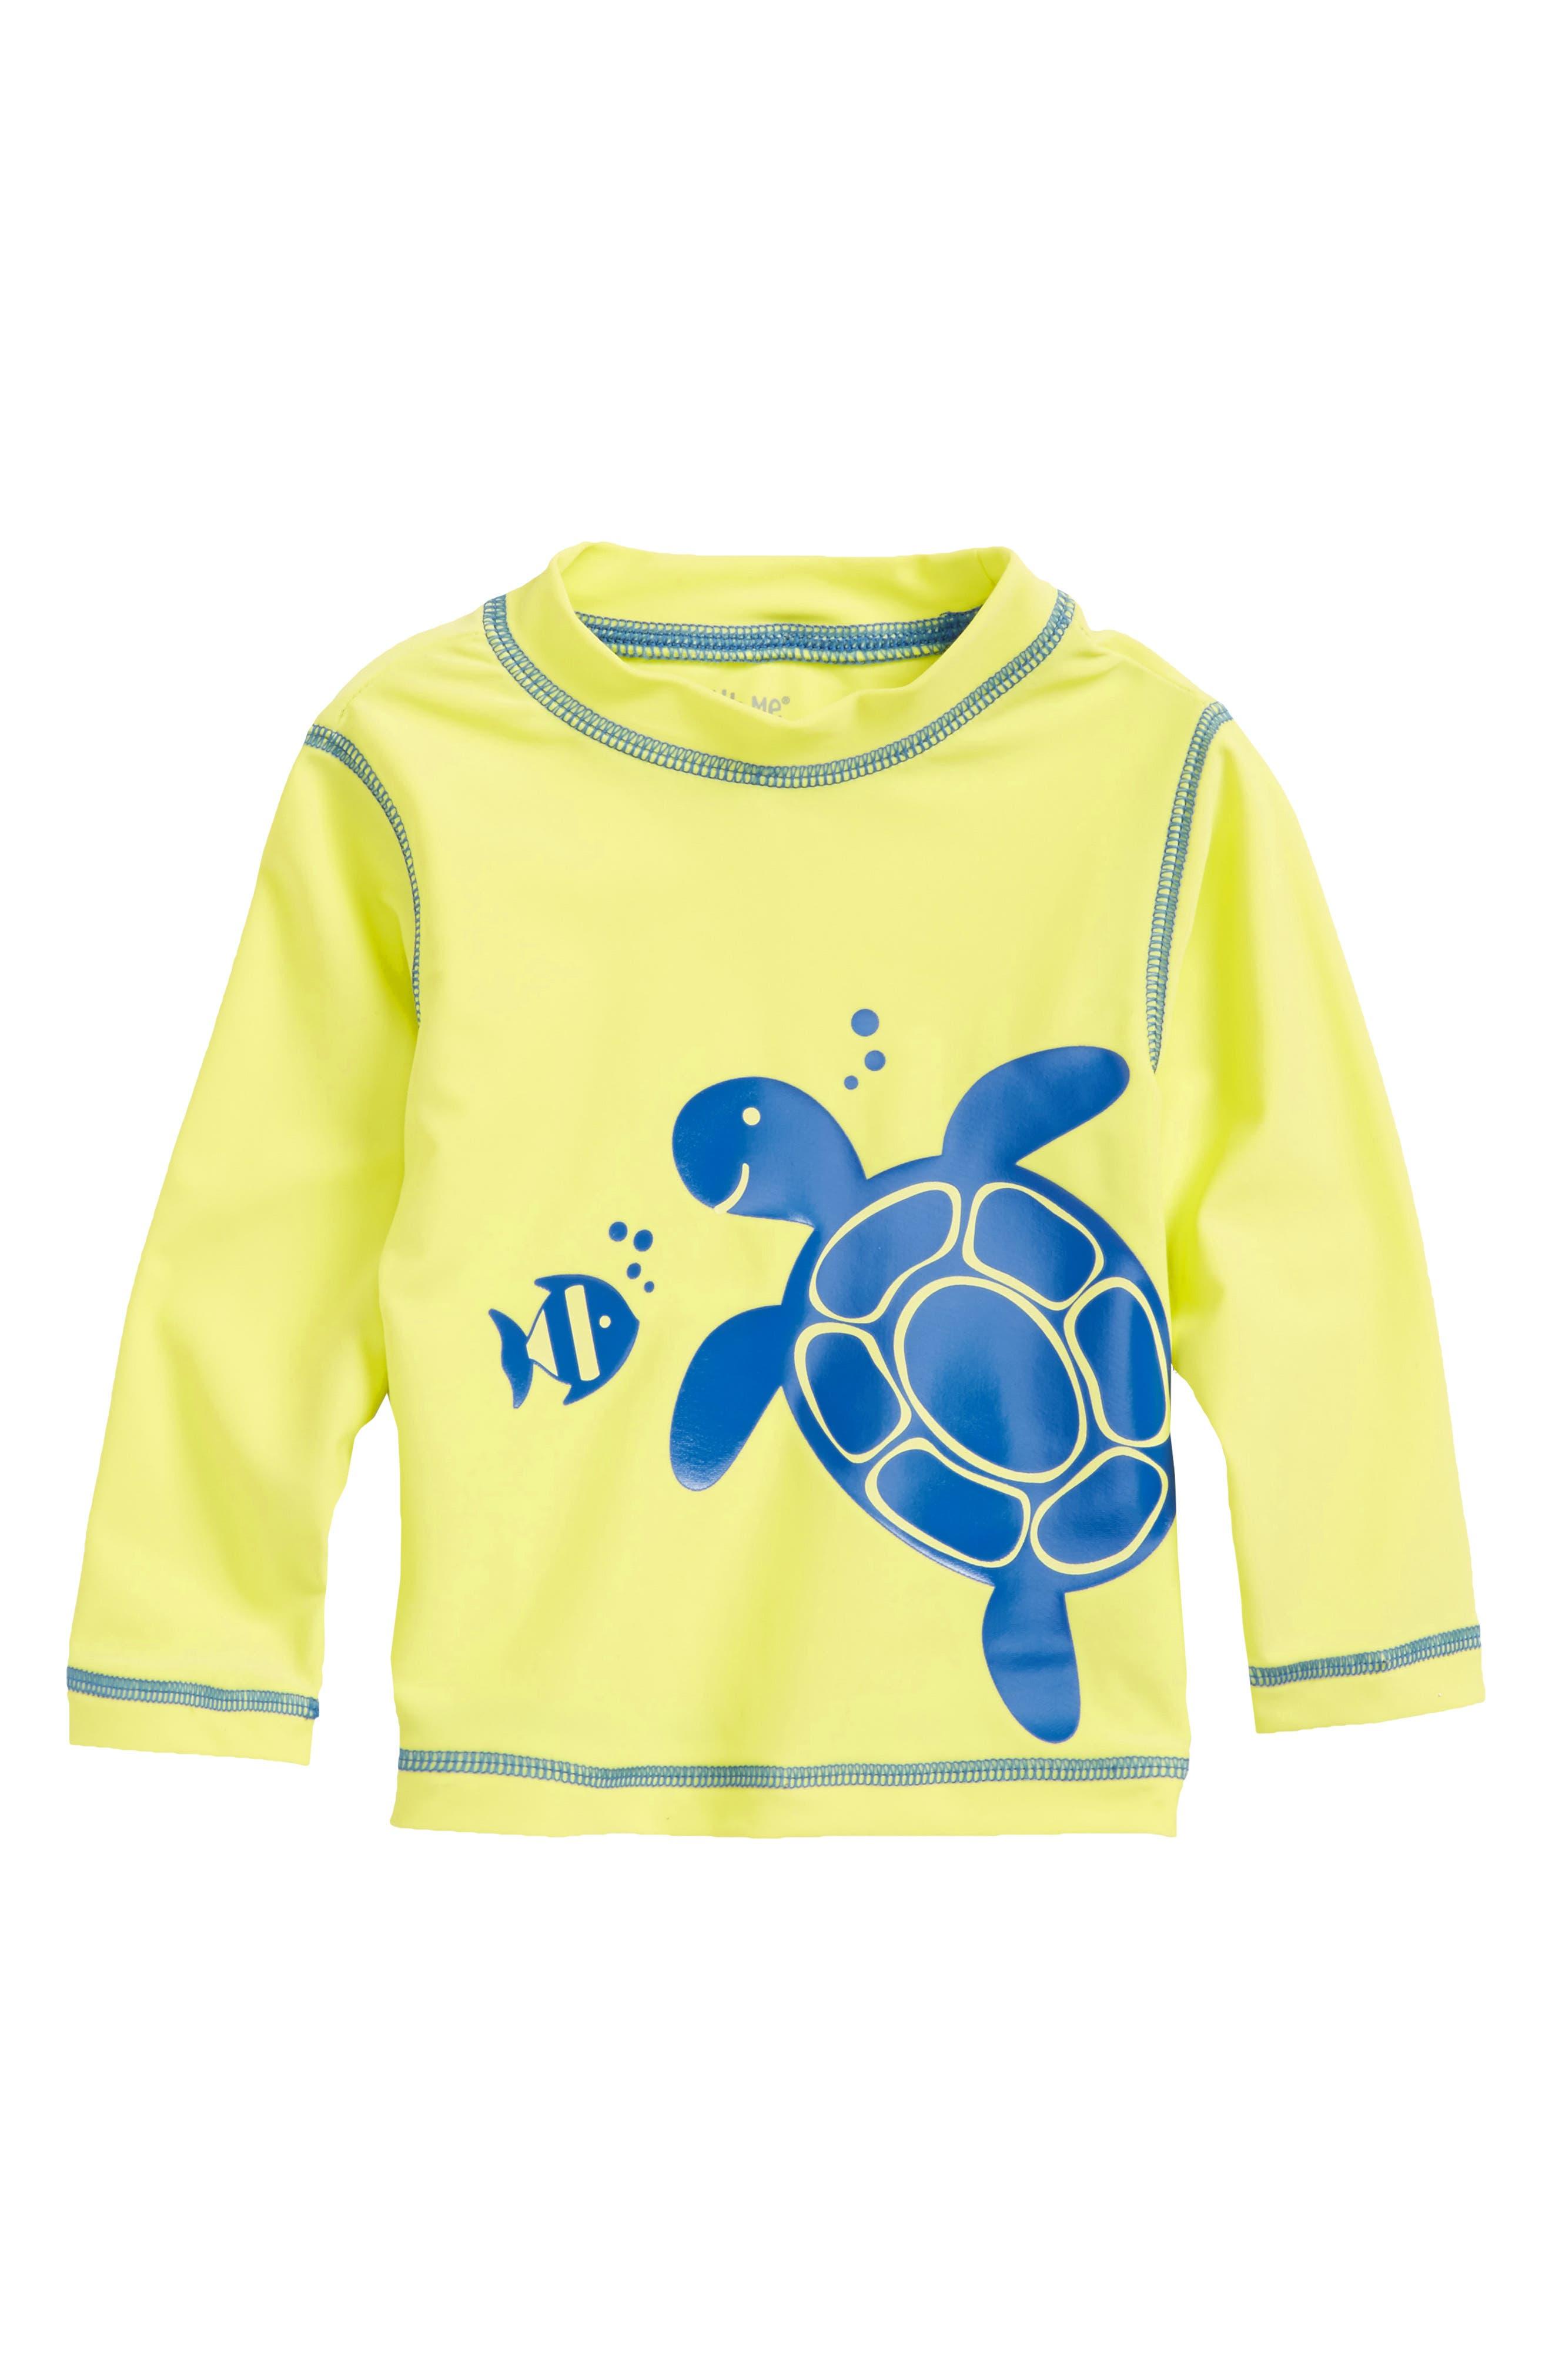 Turtle UPF 50+ Rashguard,                             Main thumbnail 1, color,                             300